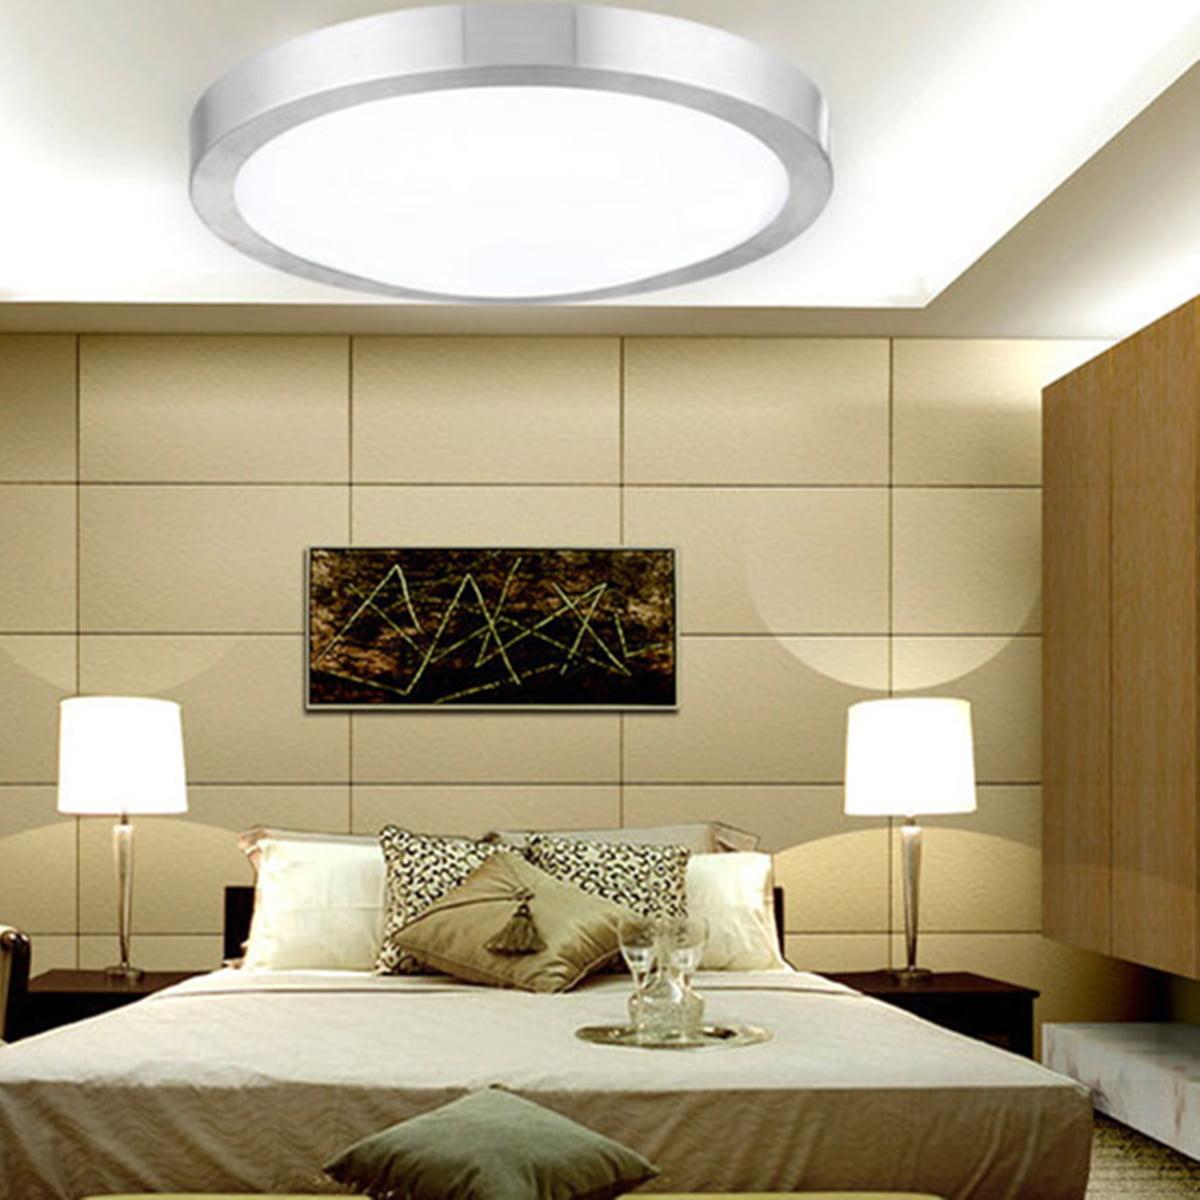 Asewin LED Ceiling Lights,Modern LED Ultraslim Ceiling